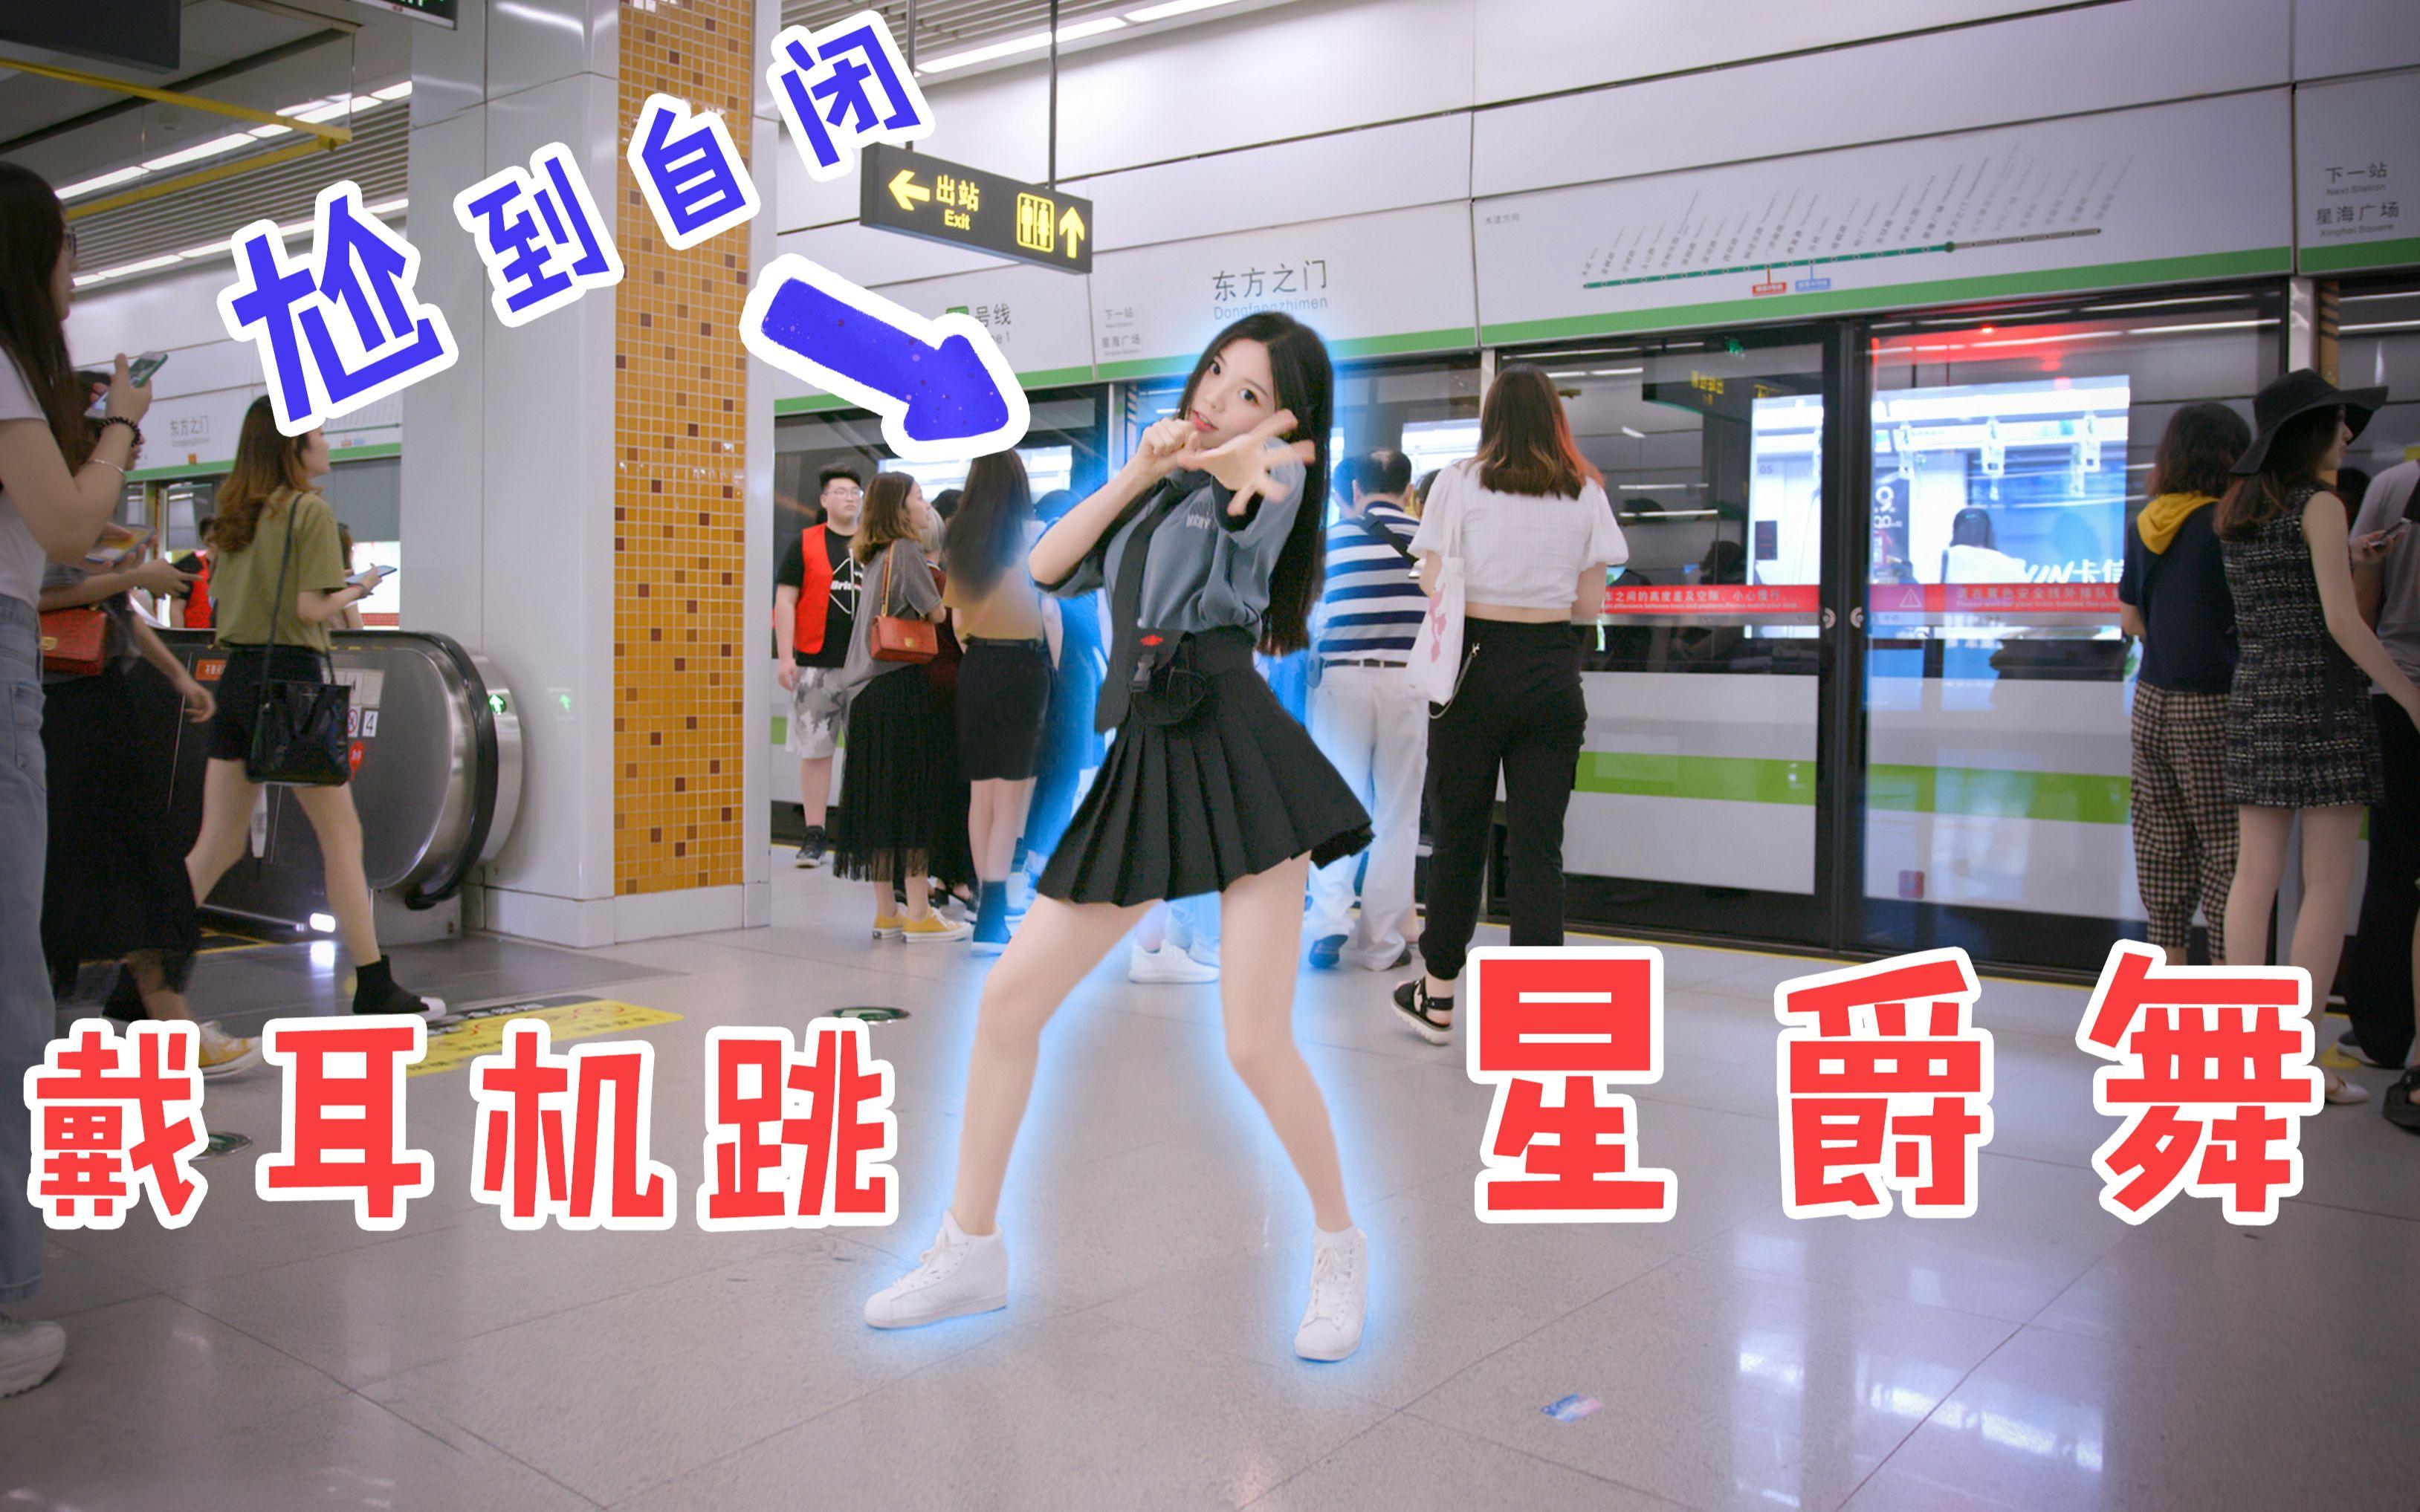 走出自闭,在地铁当众跳舞是什么体验?【欣小萌】